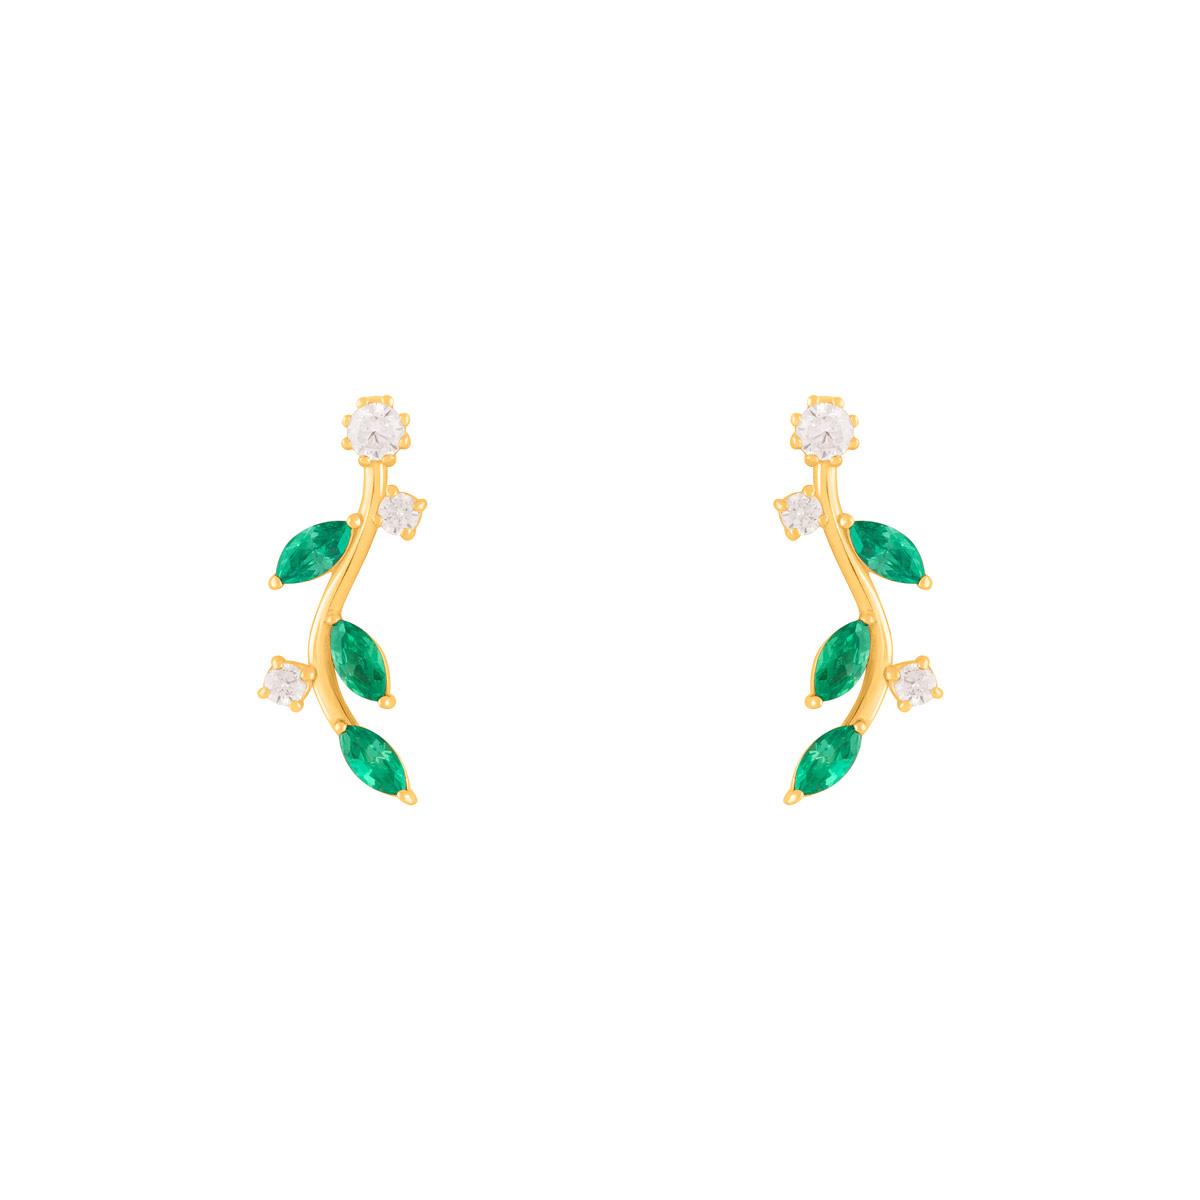 گوشواره طلا برگ سبز و لونا